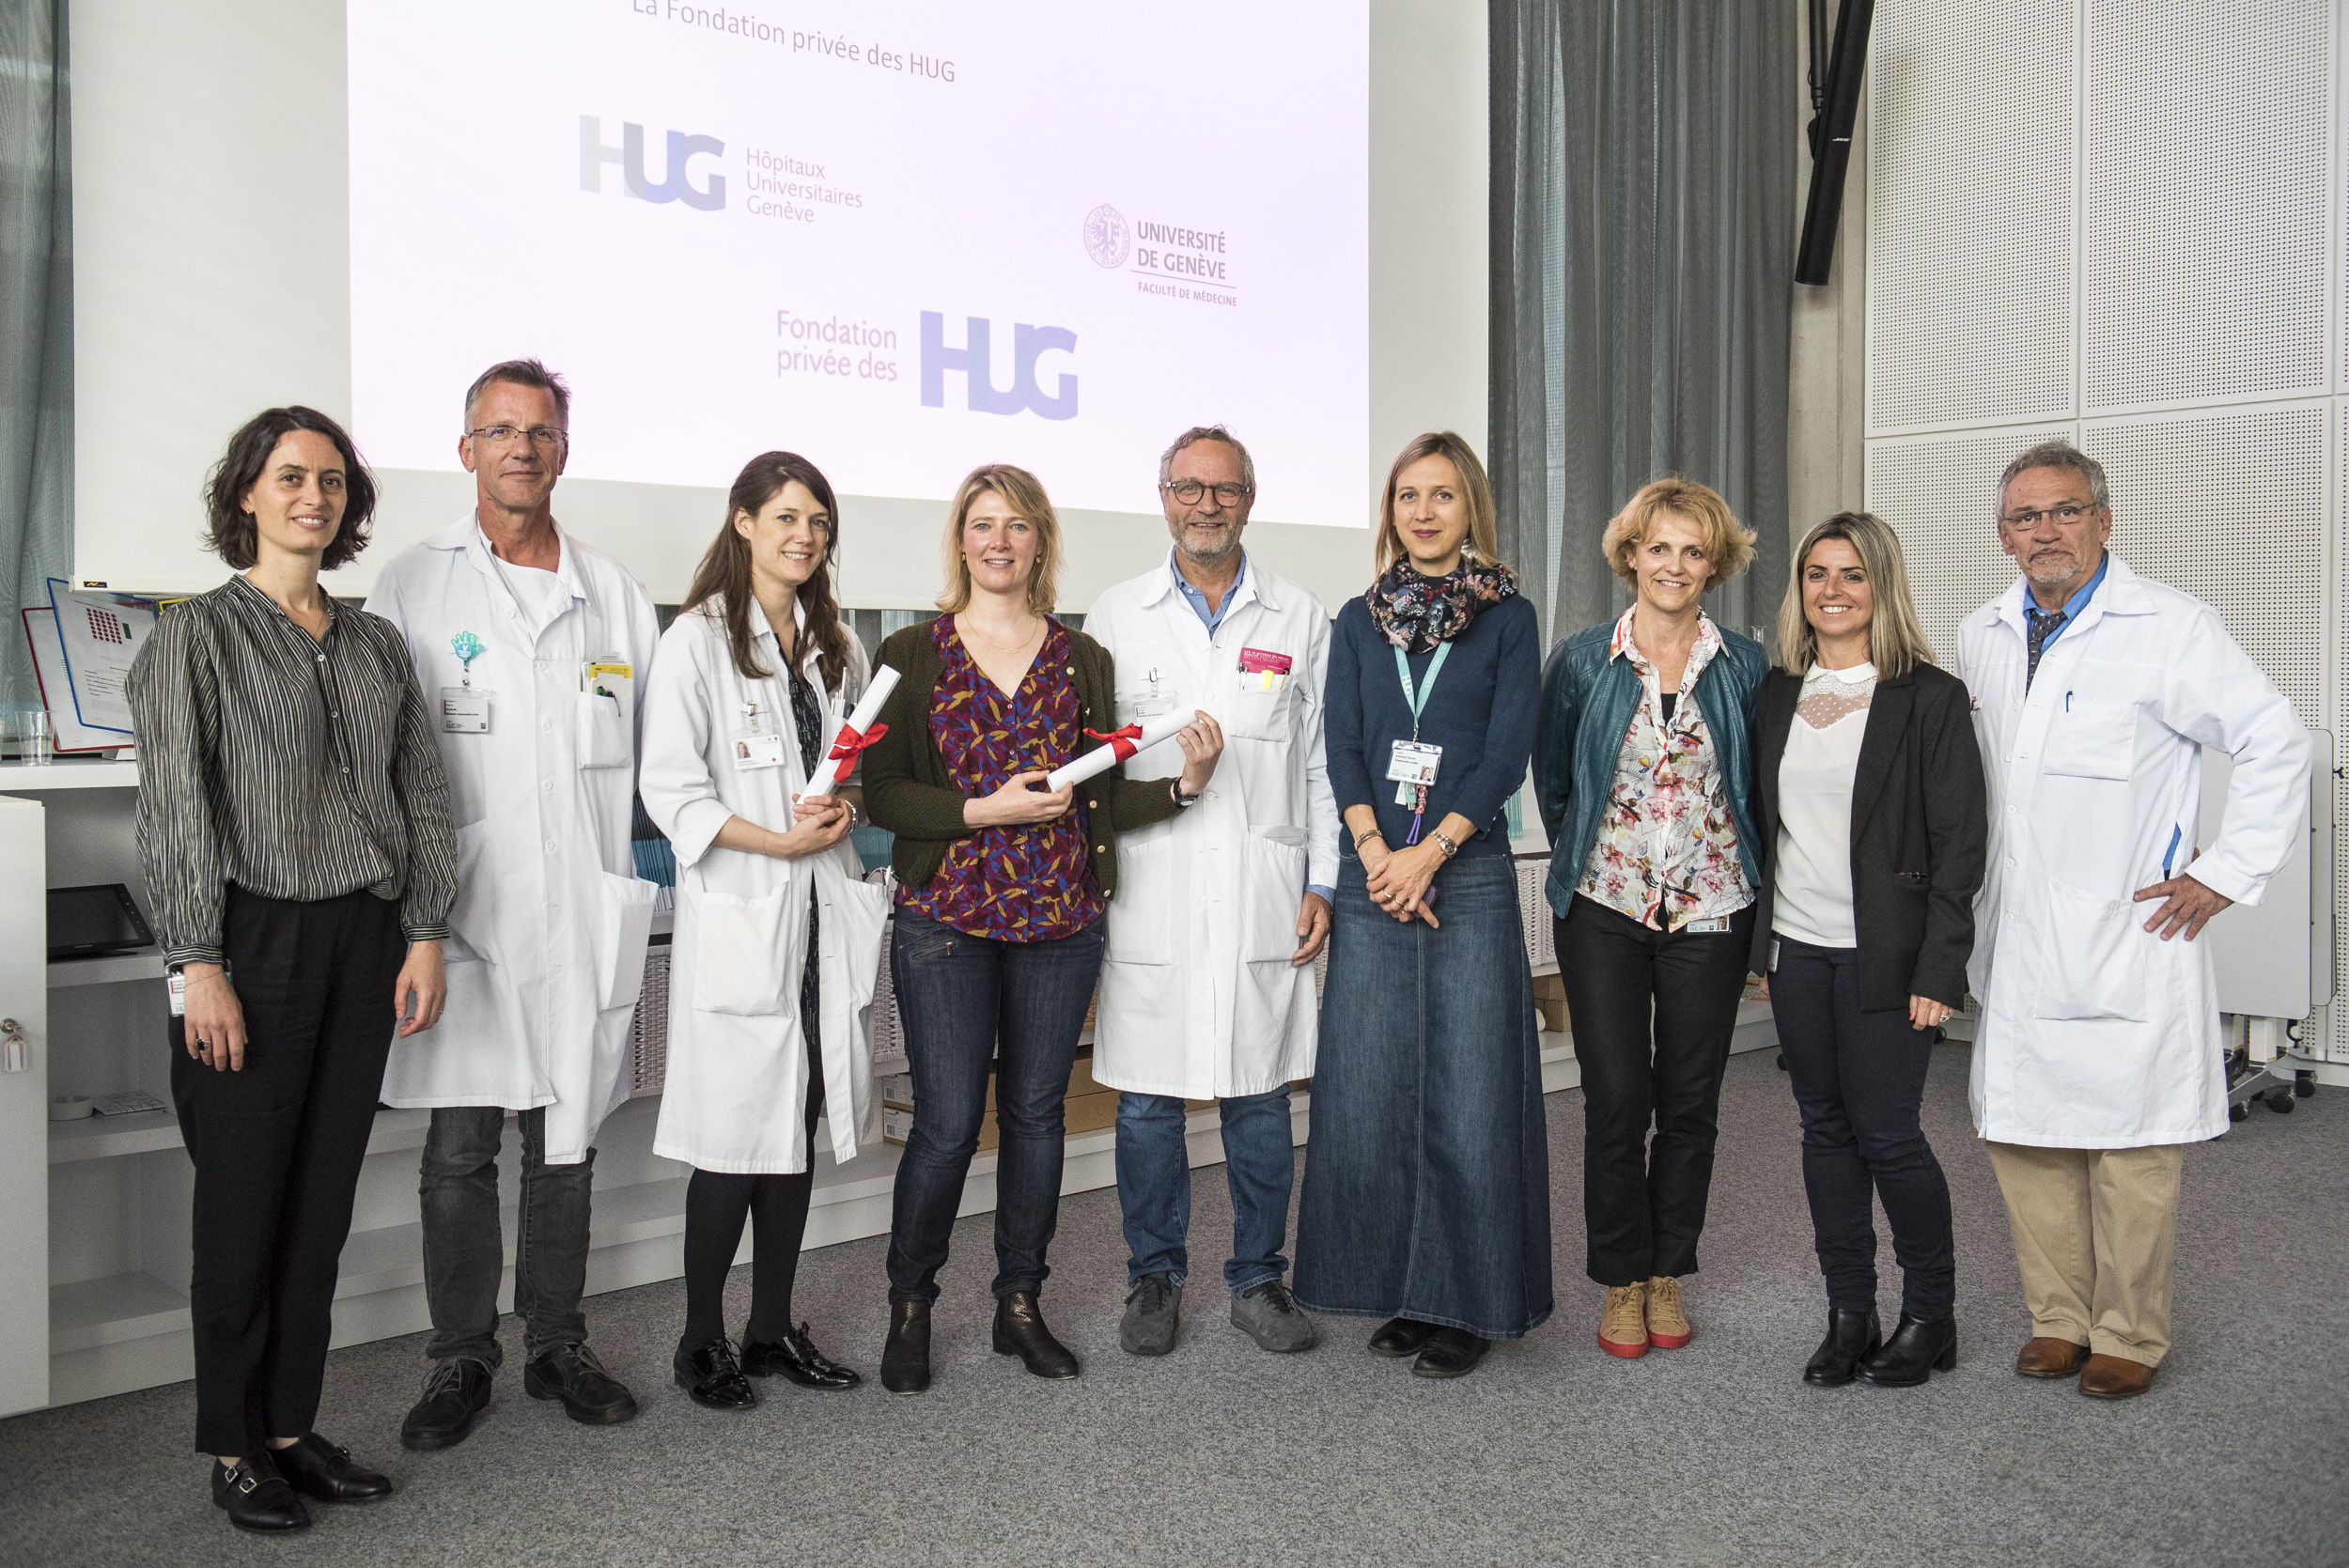 Les deux lauréates de la Journée de la recherche clinique en compagnie des organisateurs